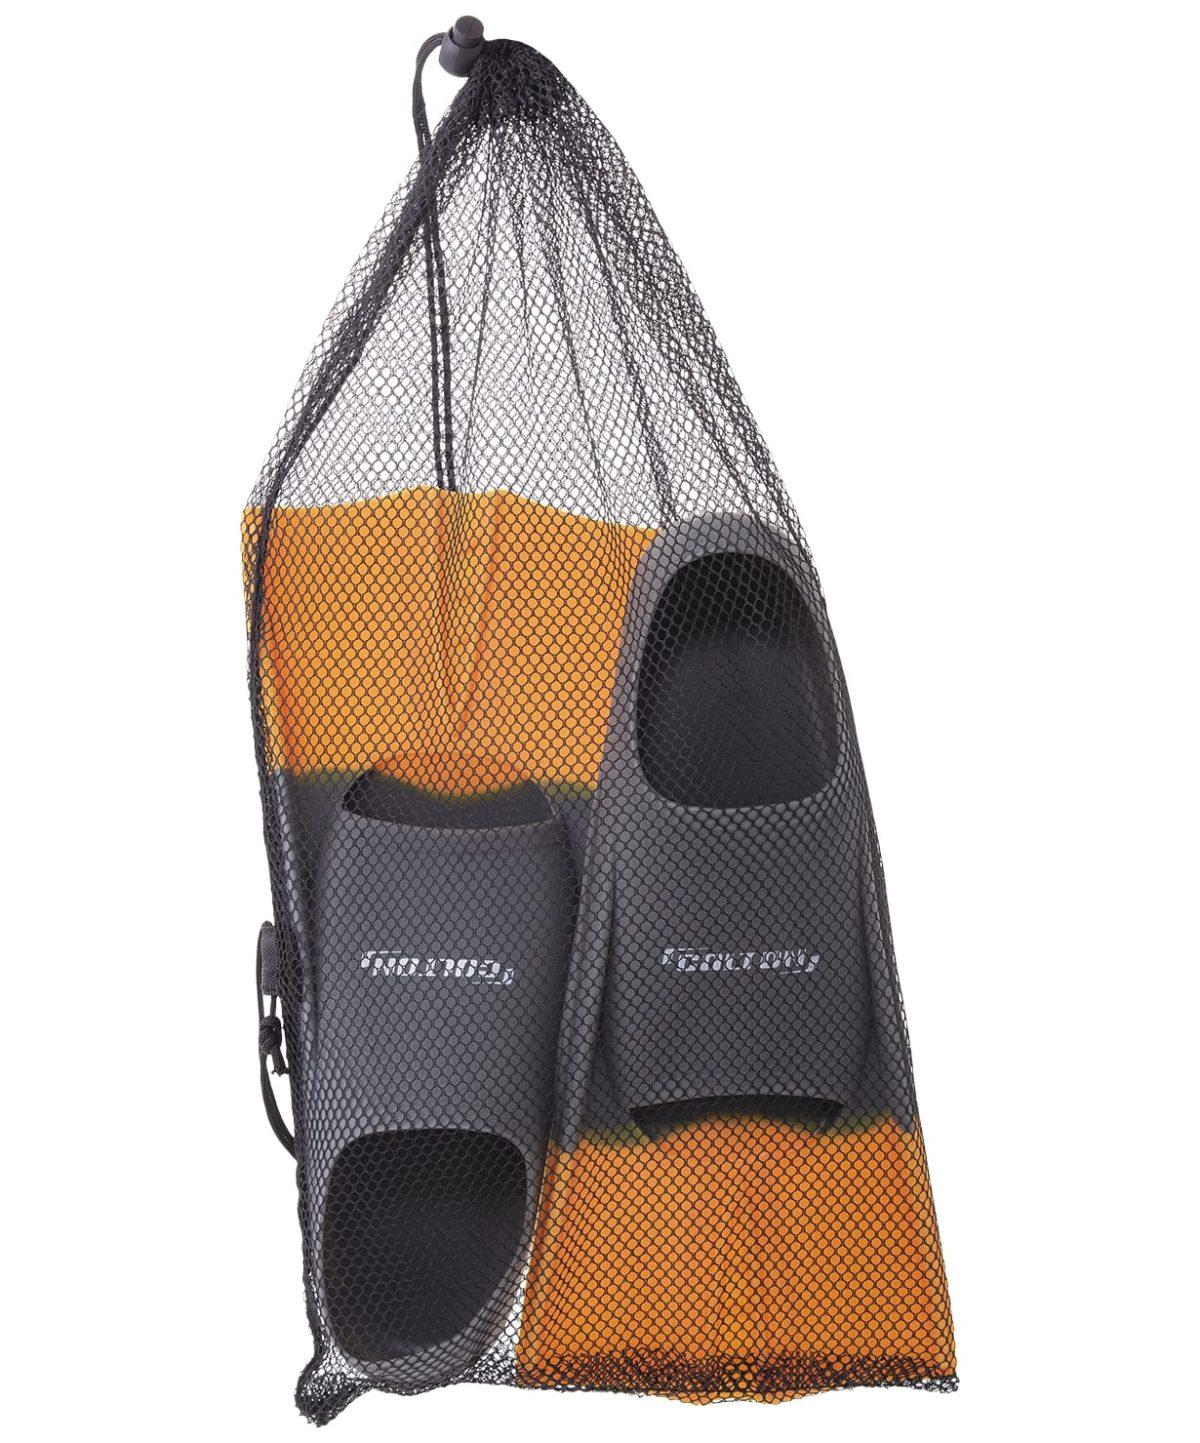 COLTON Ласты тренировочные р.30-32  CF-01: серый/оранжевый - 4